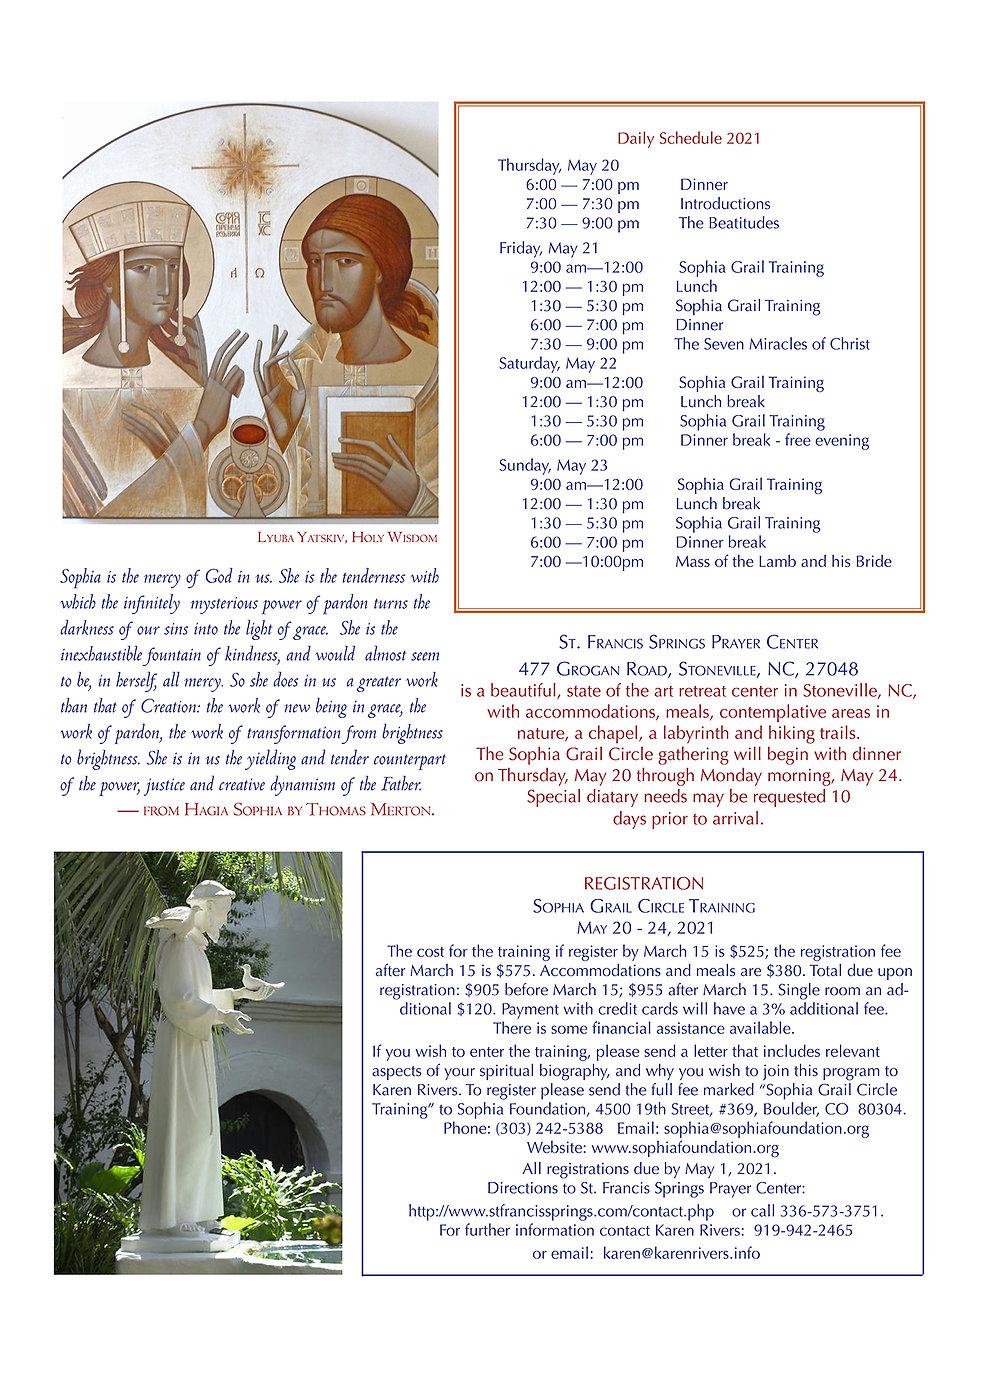 Grail Training flyer p.2 2021.jpg